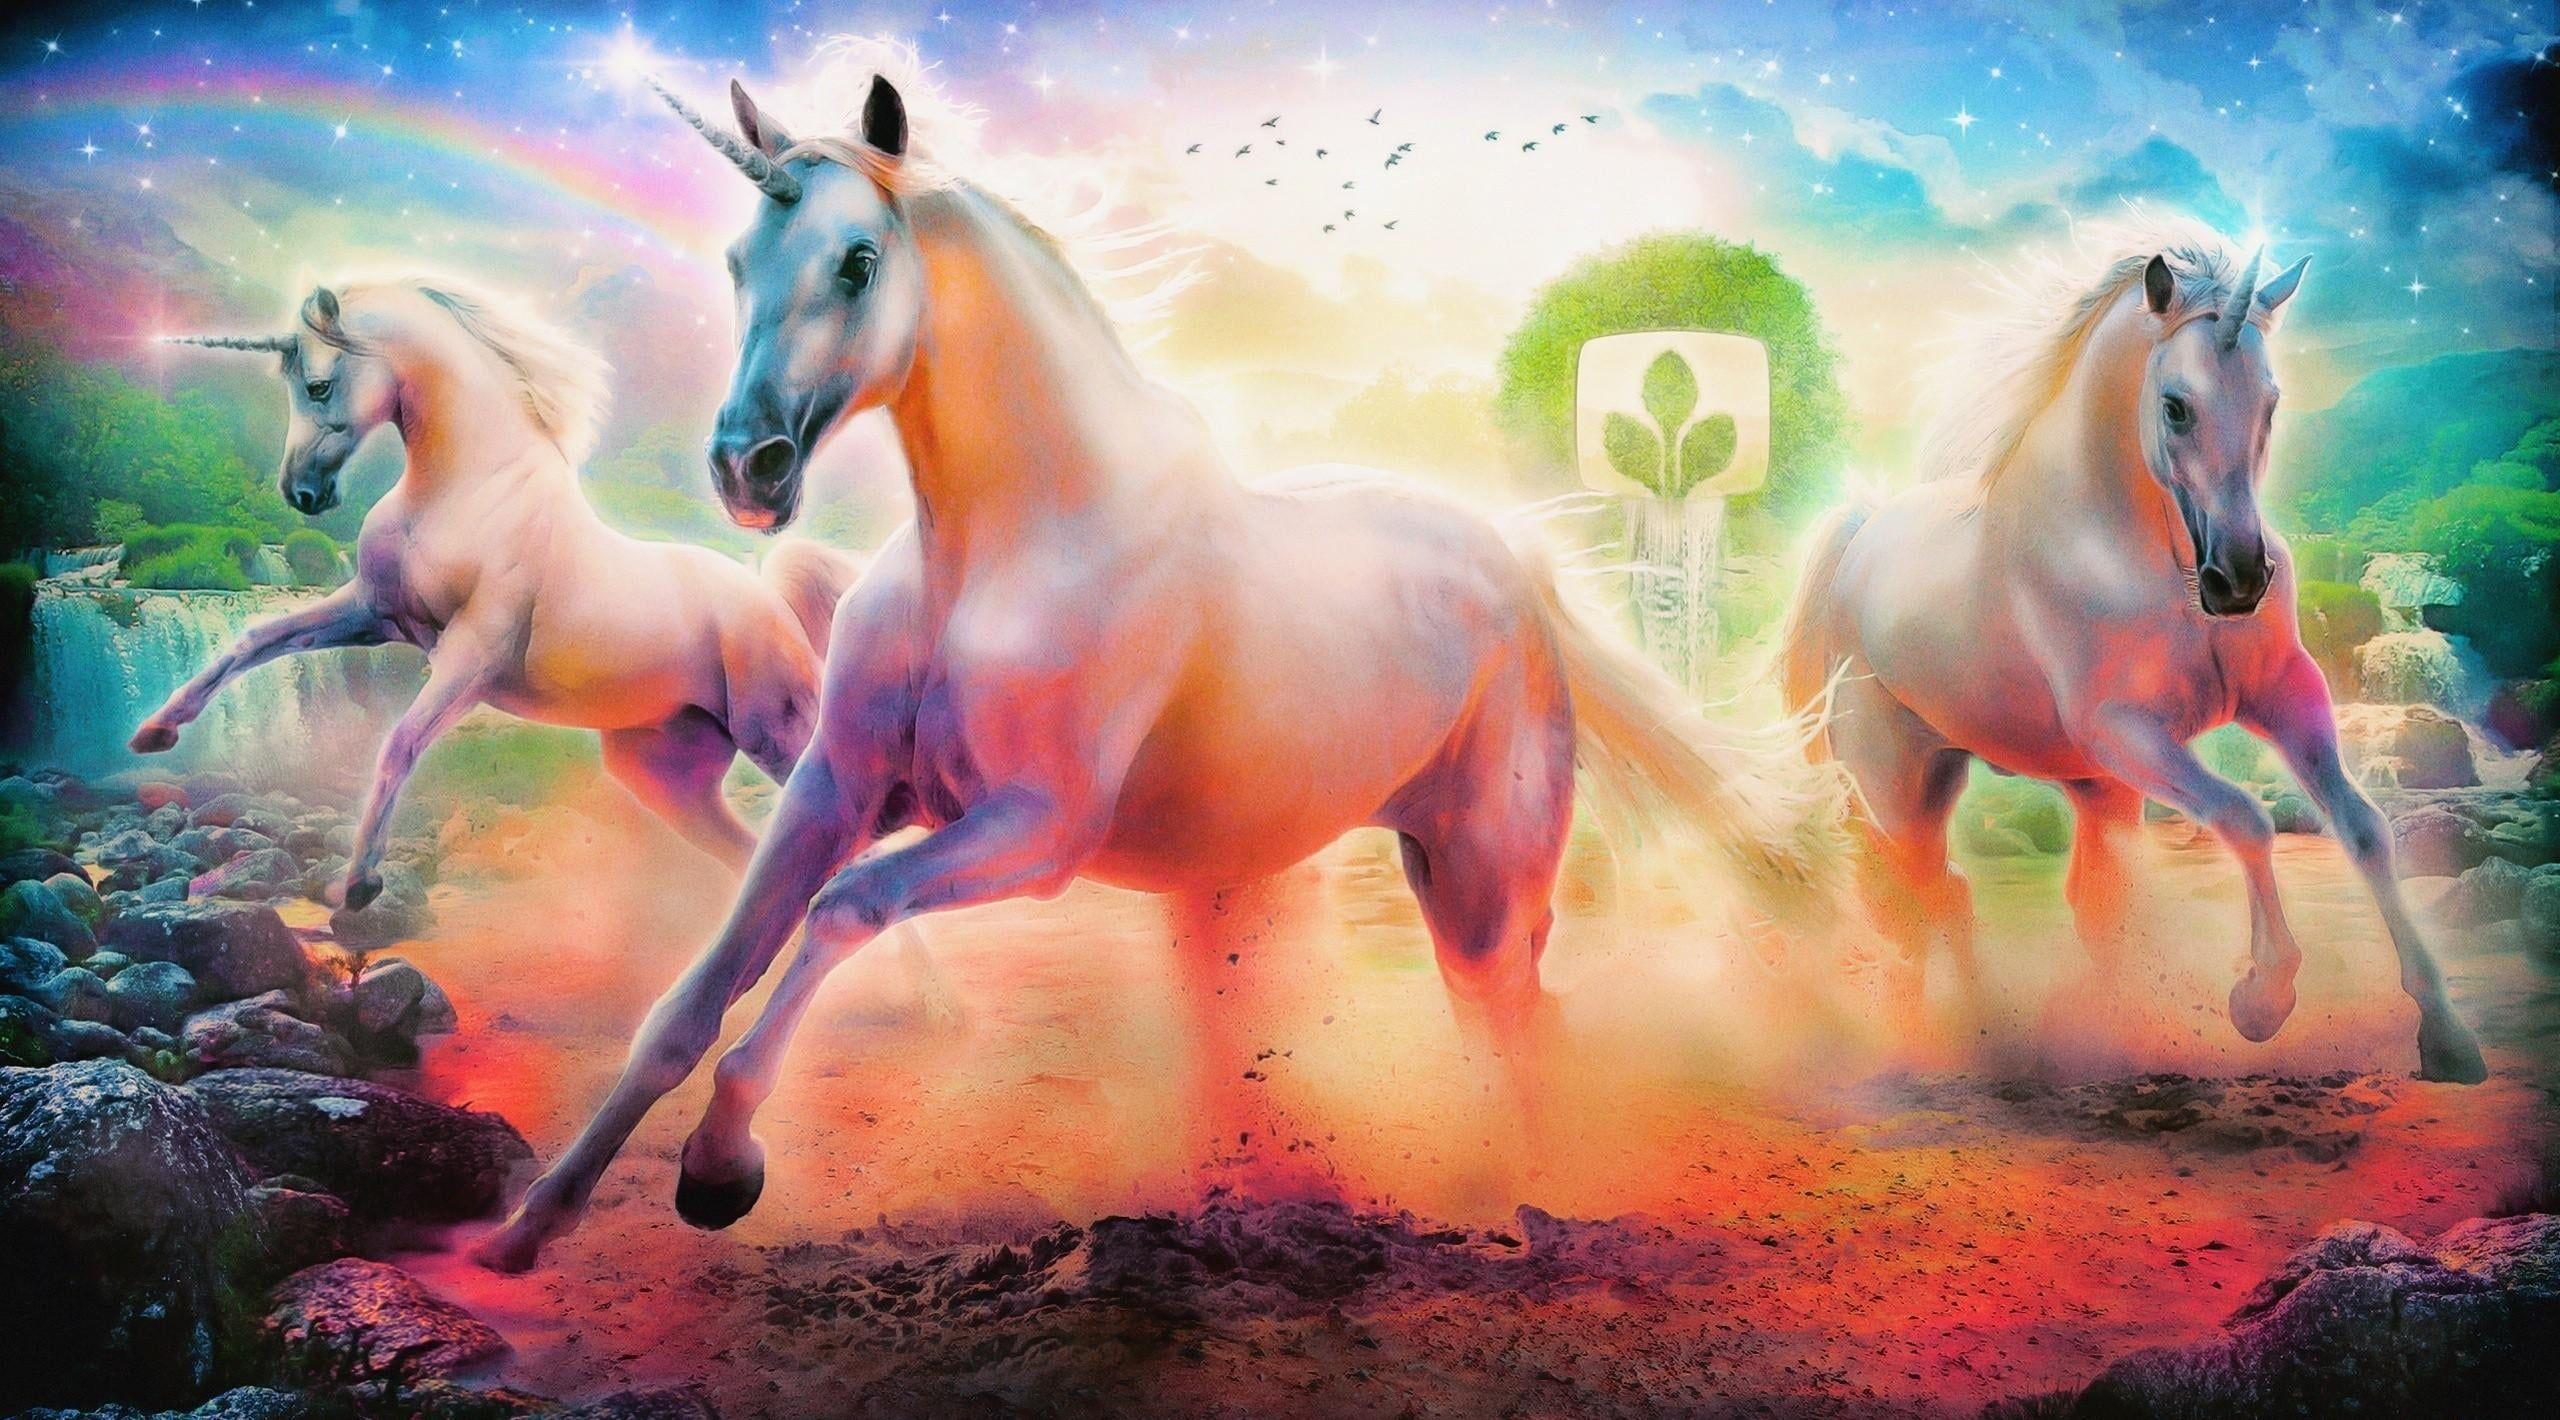 Three White Horses Illustration Unicorn Wallpaper Rainbow Emblem Tree Unicorn Wallpaper Horse Illustration Rainbow Wallpapers